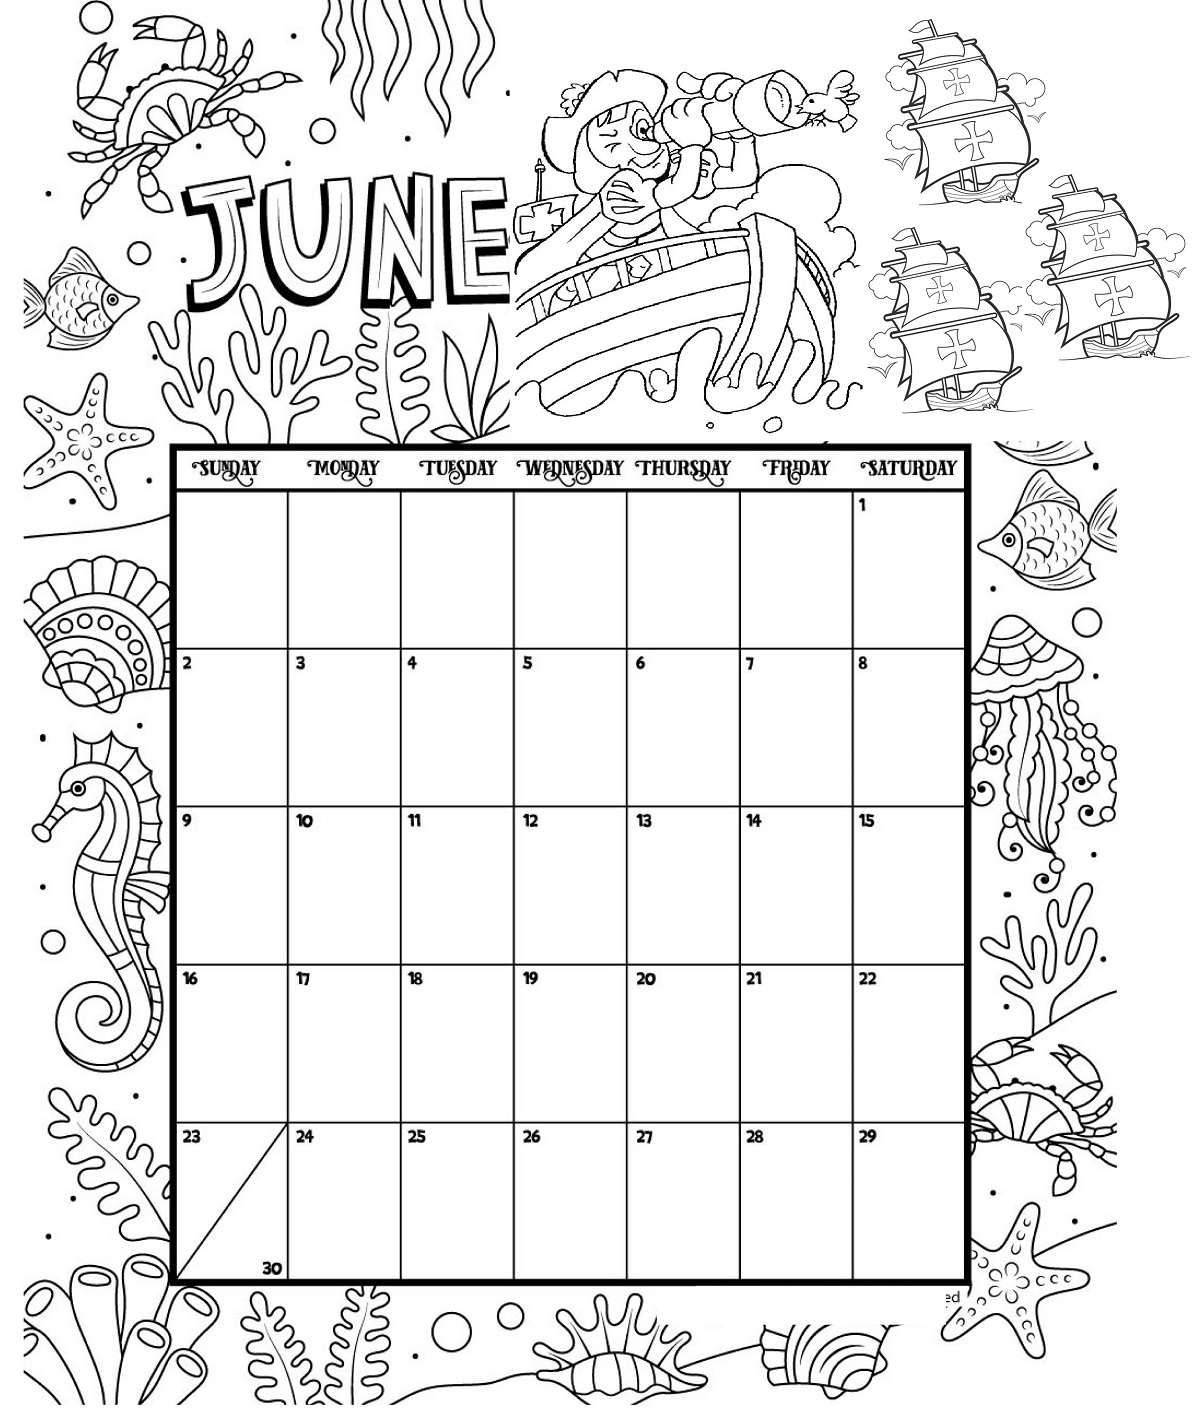 June Printable Coloring Calendar